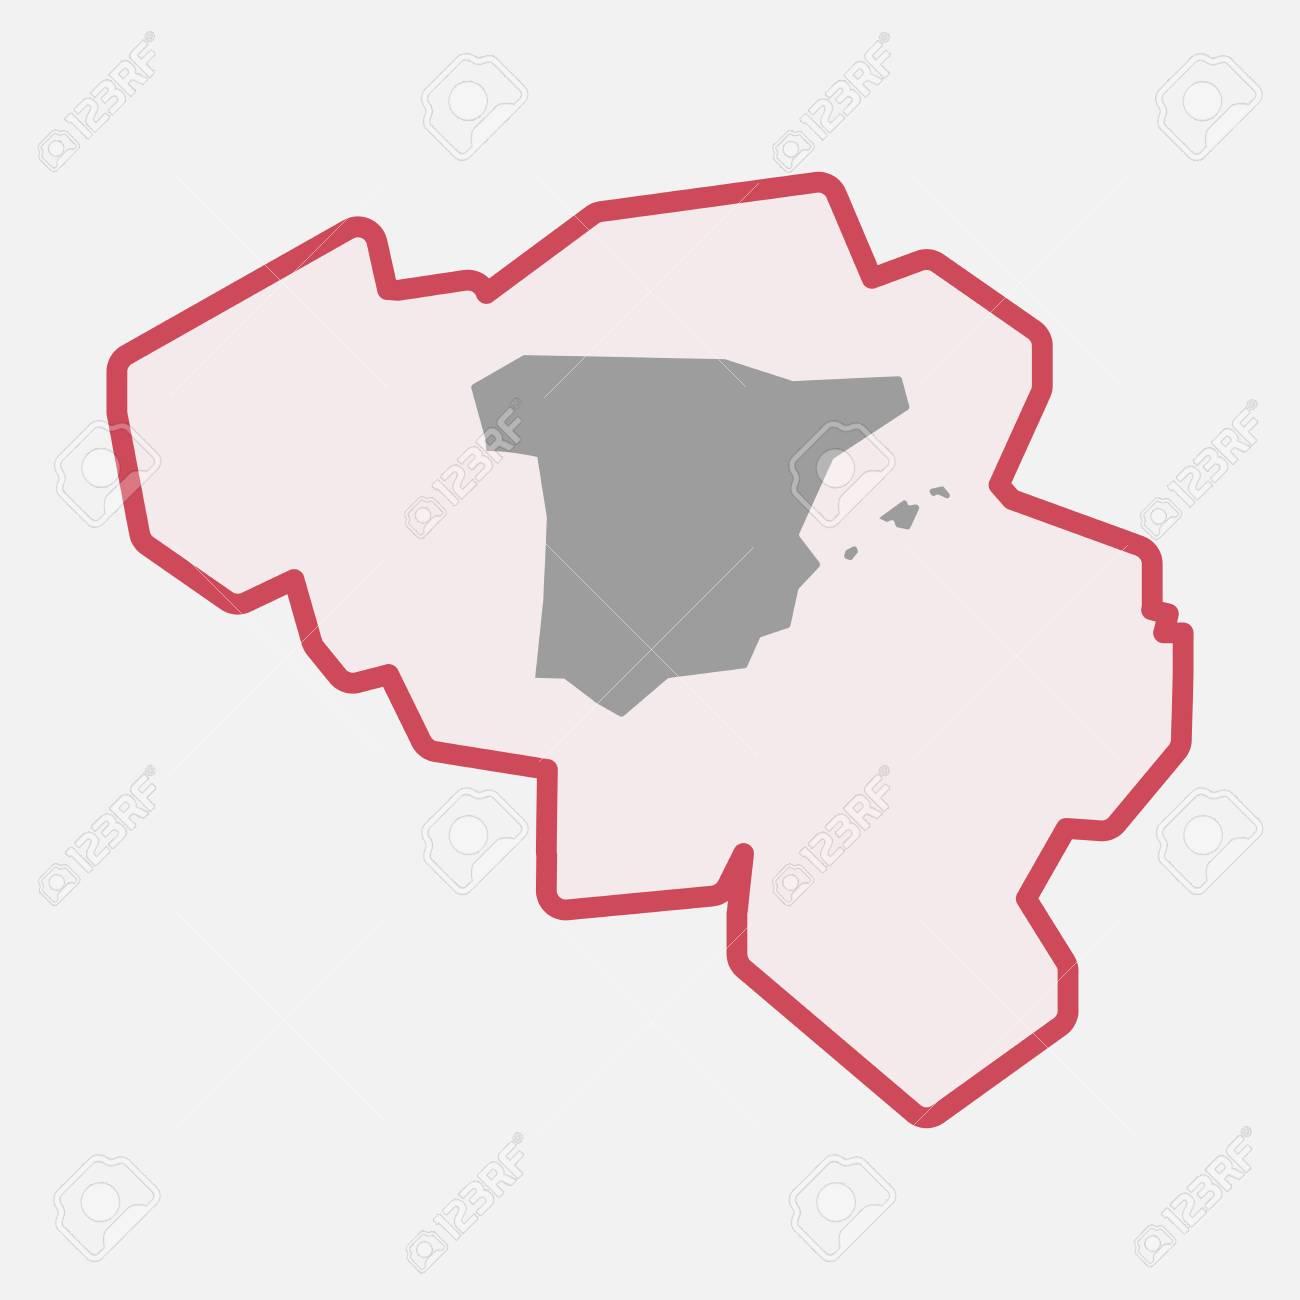 Carte Belgique Espagne.Illustration D Une Ligne Isolee Carte Belgique Belgique Avec La Carte D Espagne